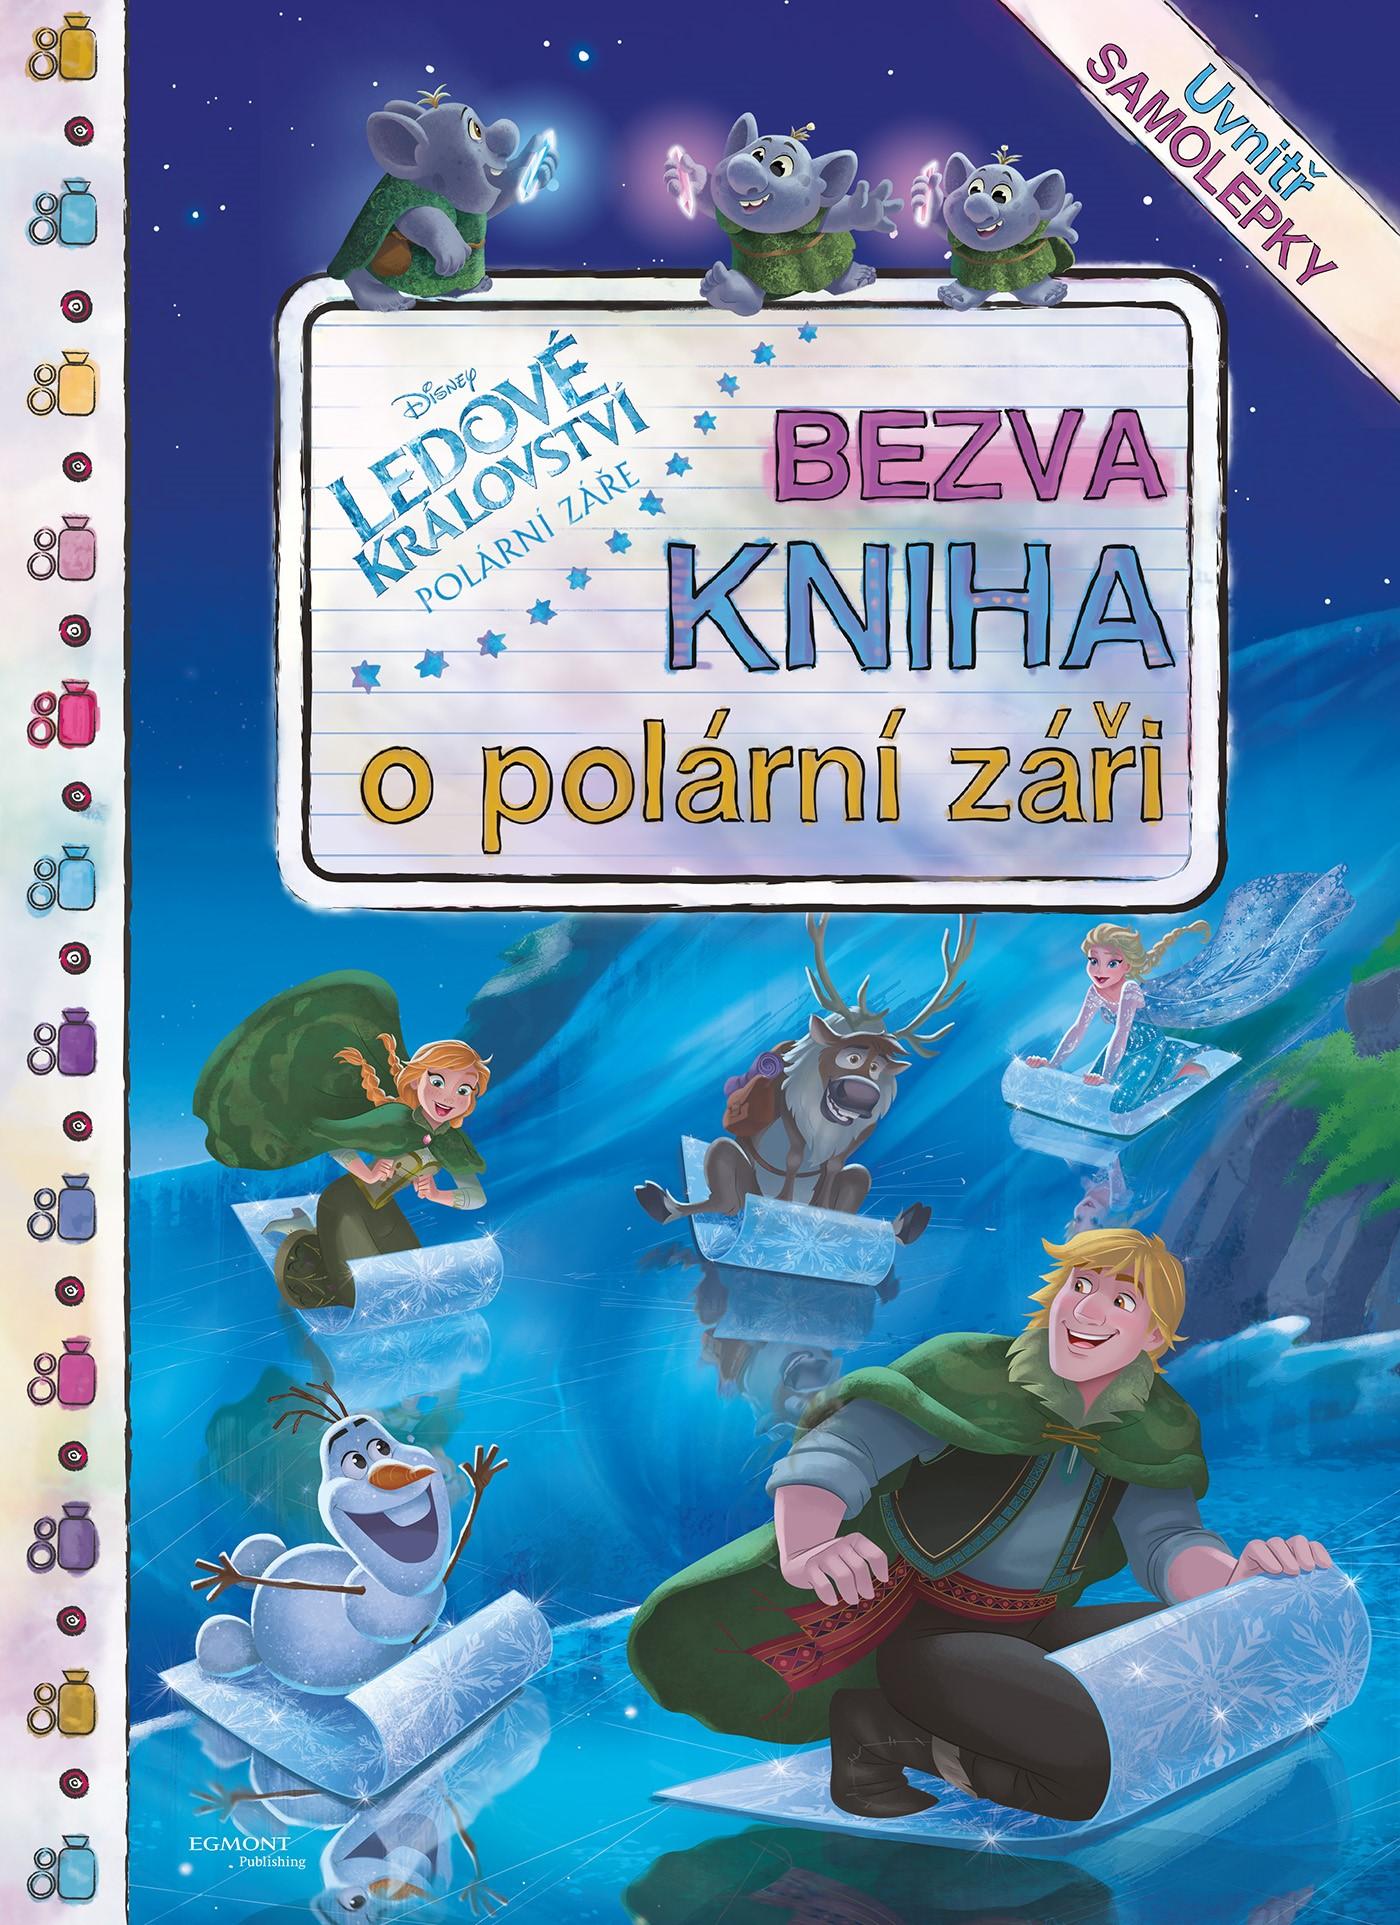 Ledové království - Bezva kniha o polární záři